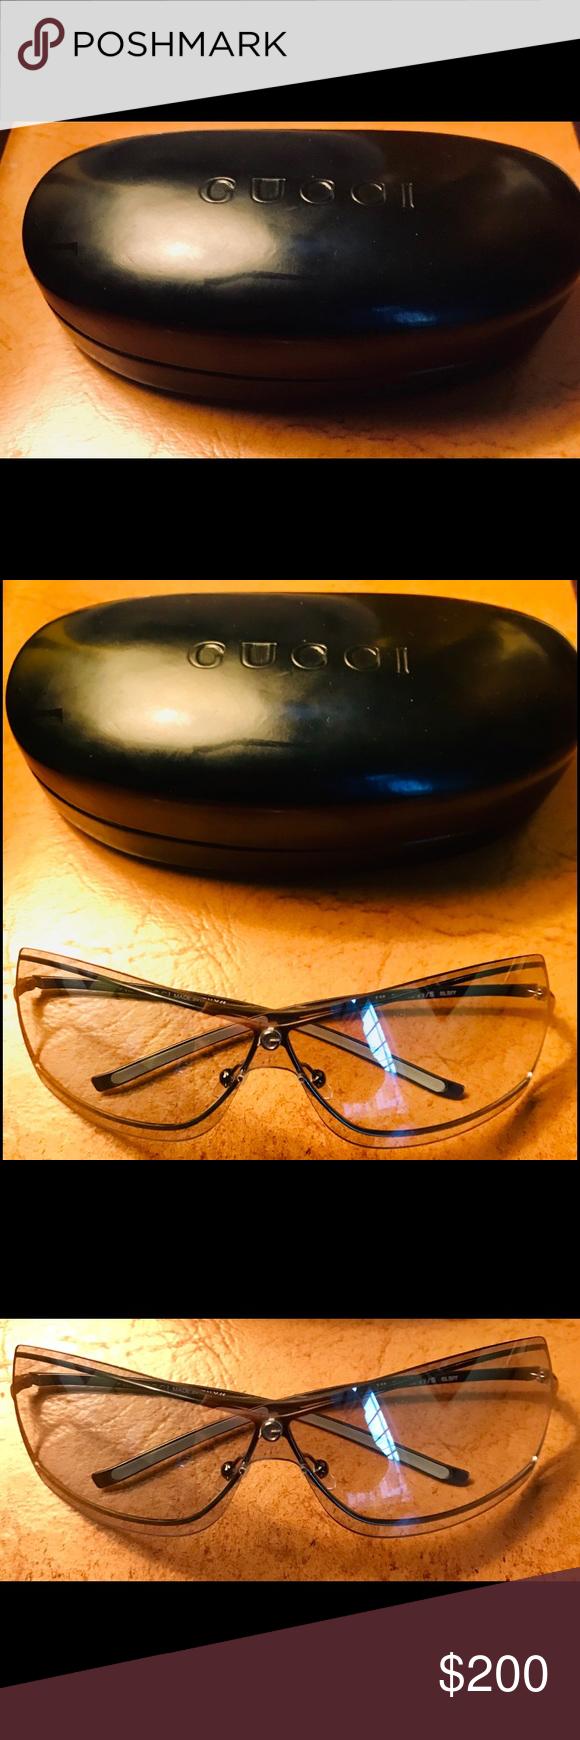 e34d44d1ba Gucci Clear Smoke Wire Frame Glasses Authentic Gucci sunglasses in perfect  condition! Gucci clear smoke lens frame ( 115 GG 2683 S 010) Rectangular  shape ...